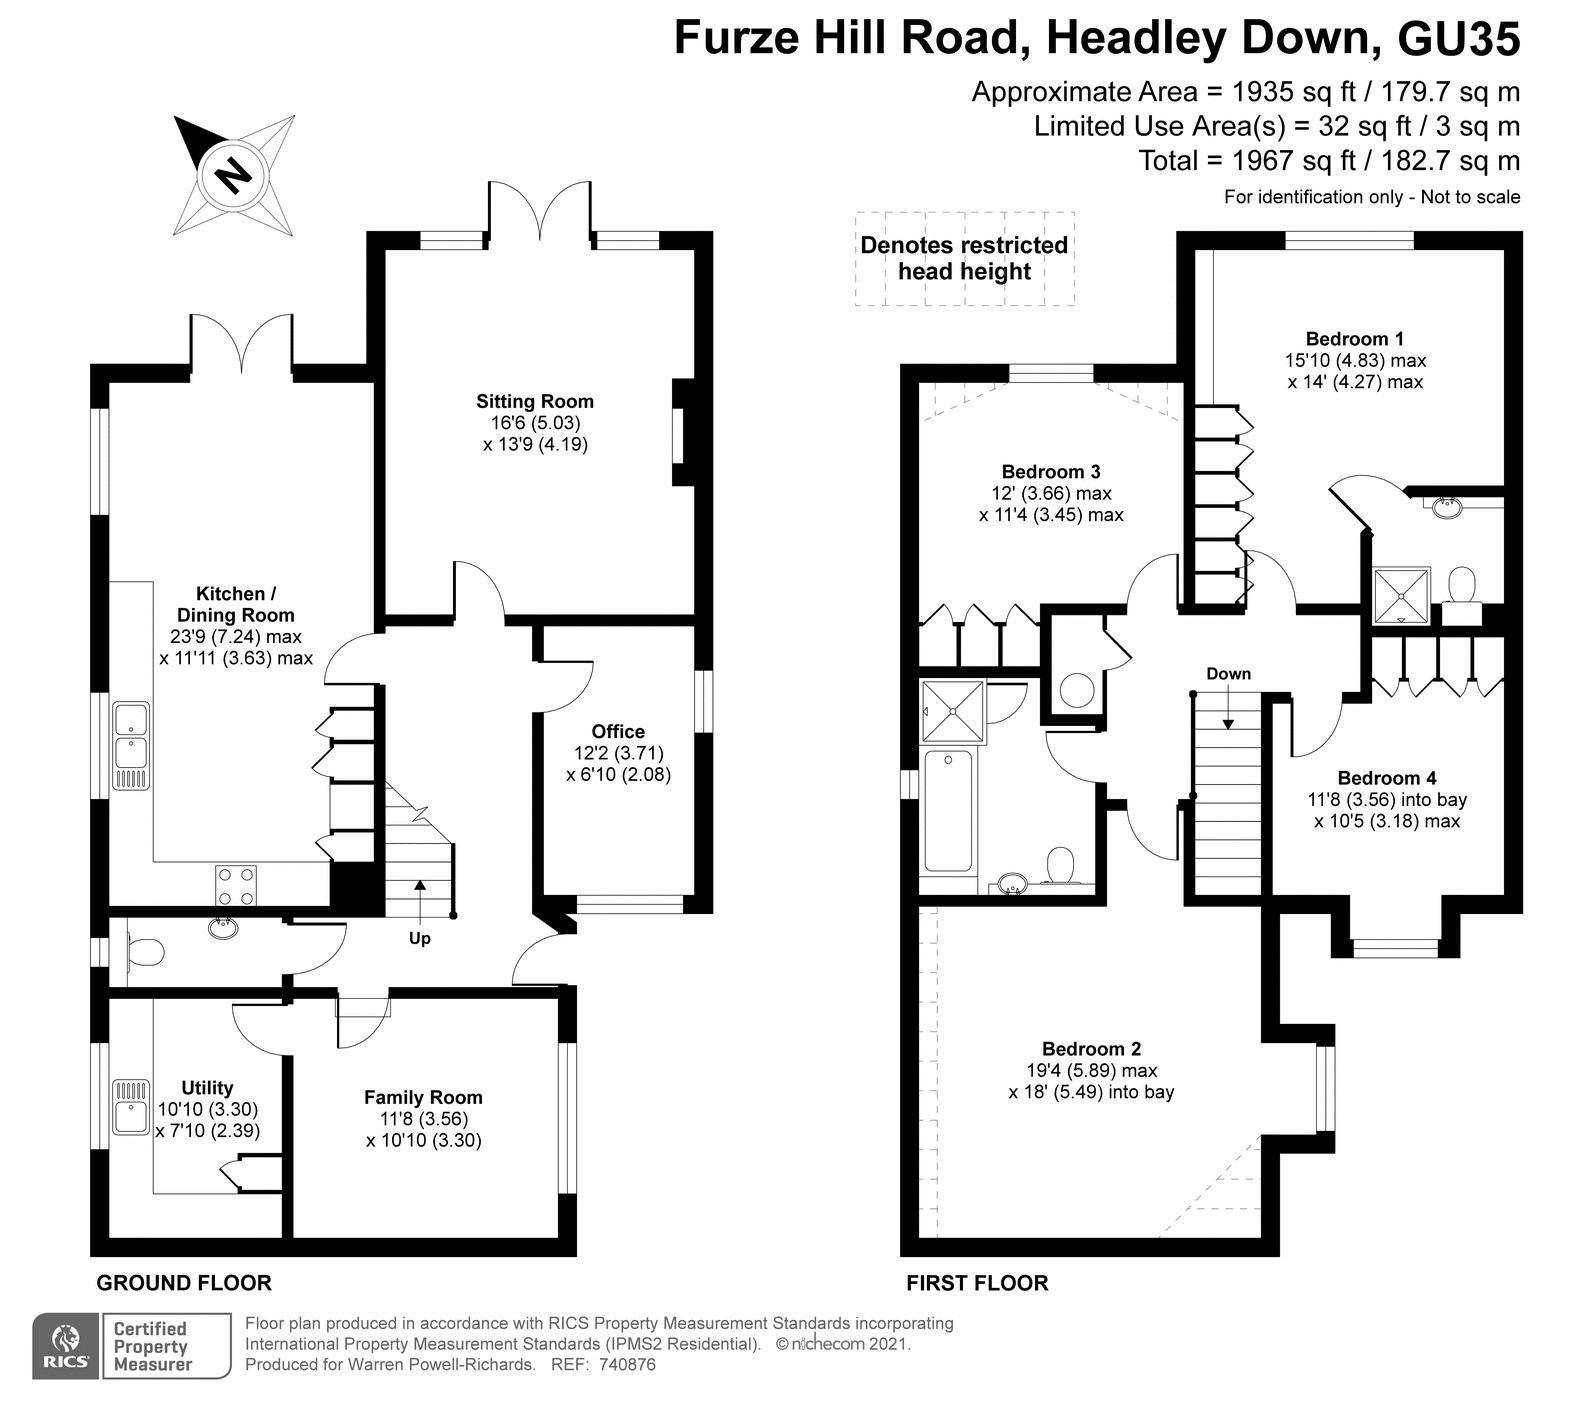 Furze Hill Road Headley Down